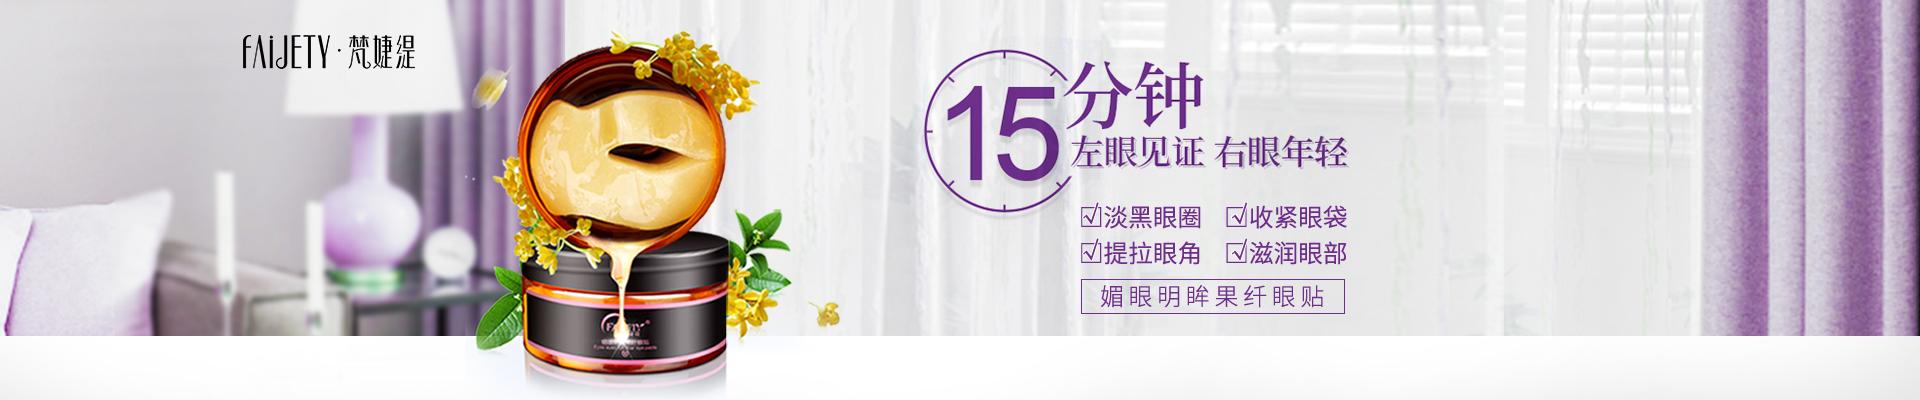 广州玛迪珈生物技术nba山猫直播在线观看公司介绍